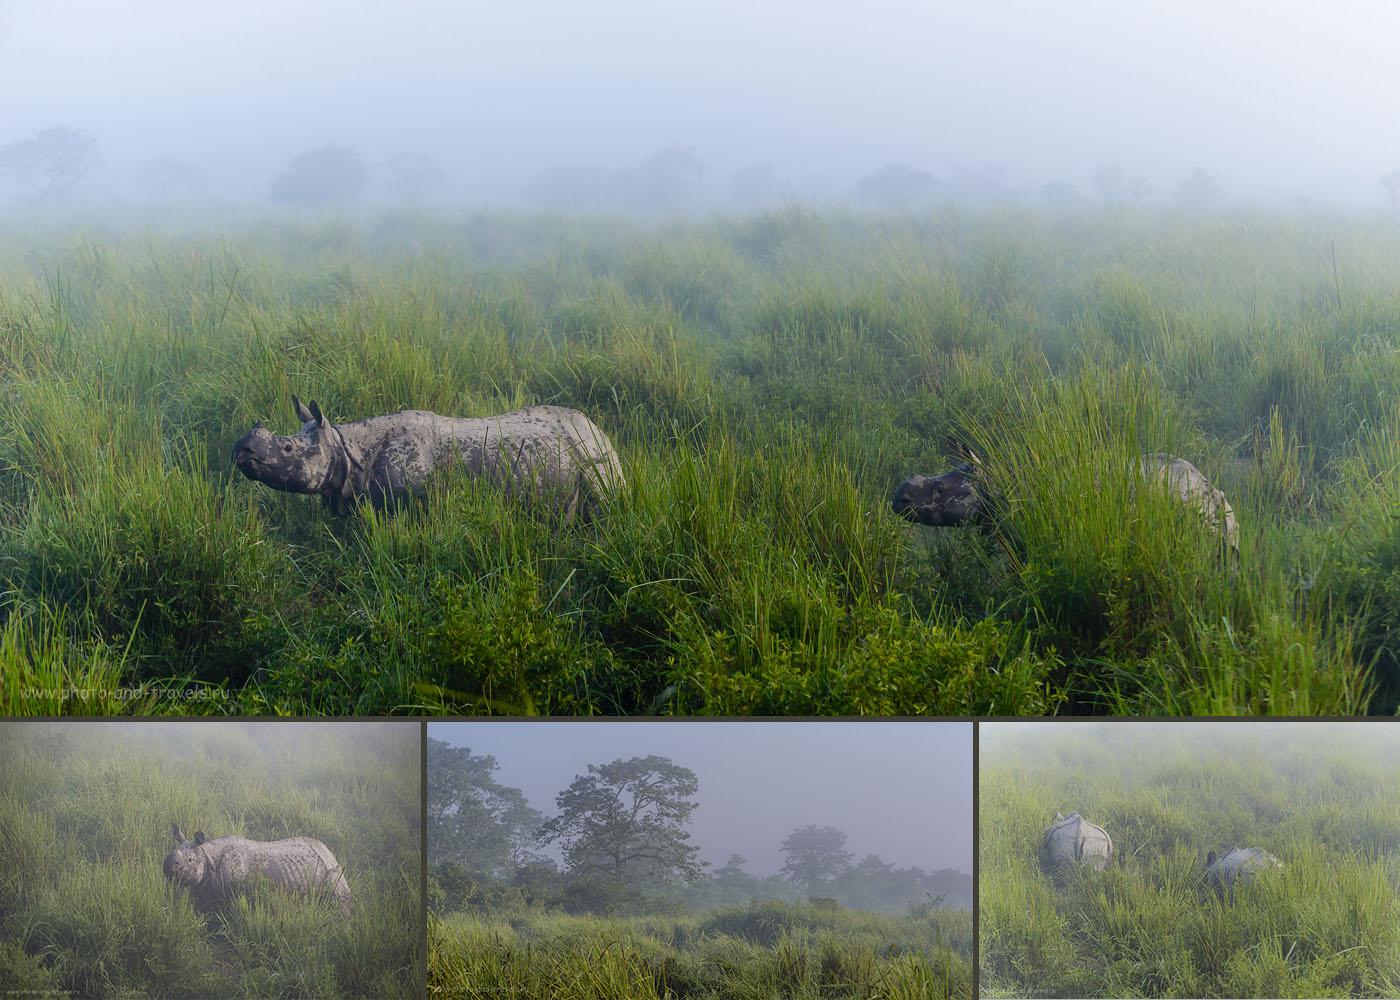 Фото 9. Сафари на носорогов в заповеднике Kaziranga National Park в Индии. Отчеты туристов о самостоятельных экскурсиях.